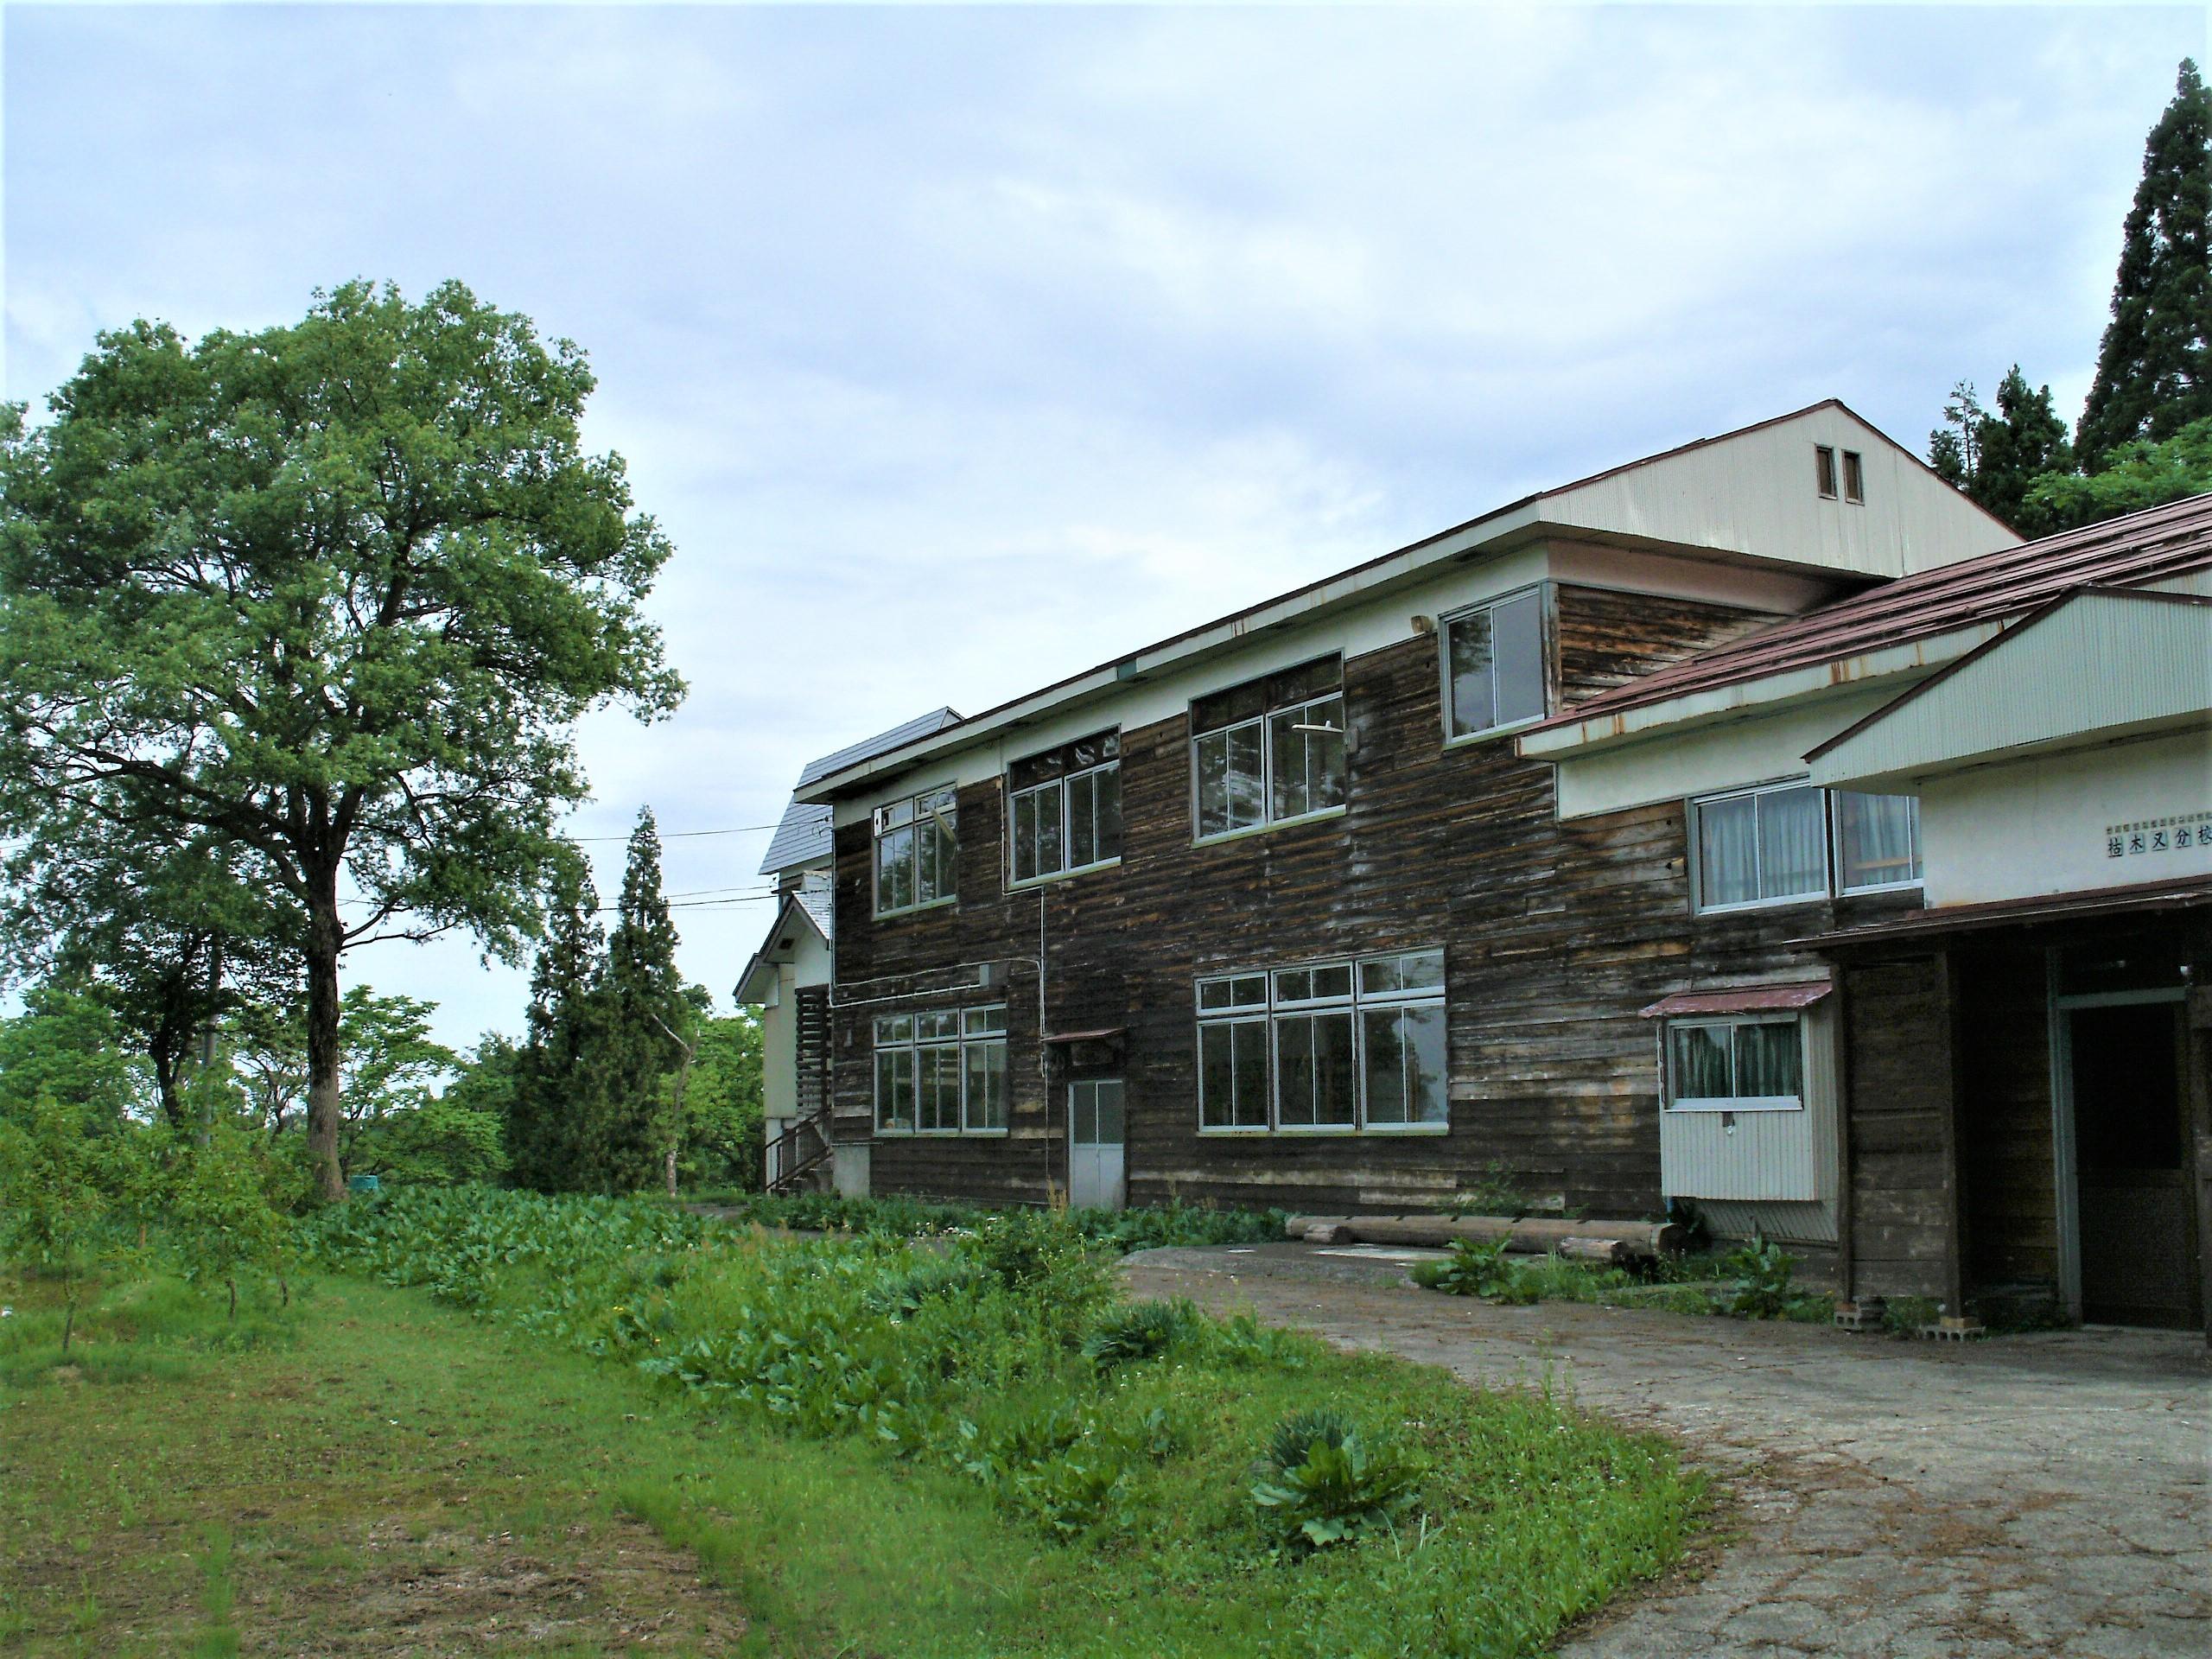 記事十日町市立中条小学校 枯木又分校 閉校のイメージ画像